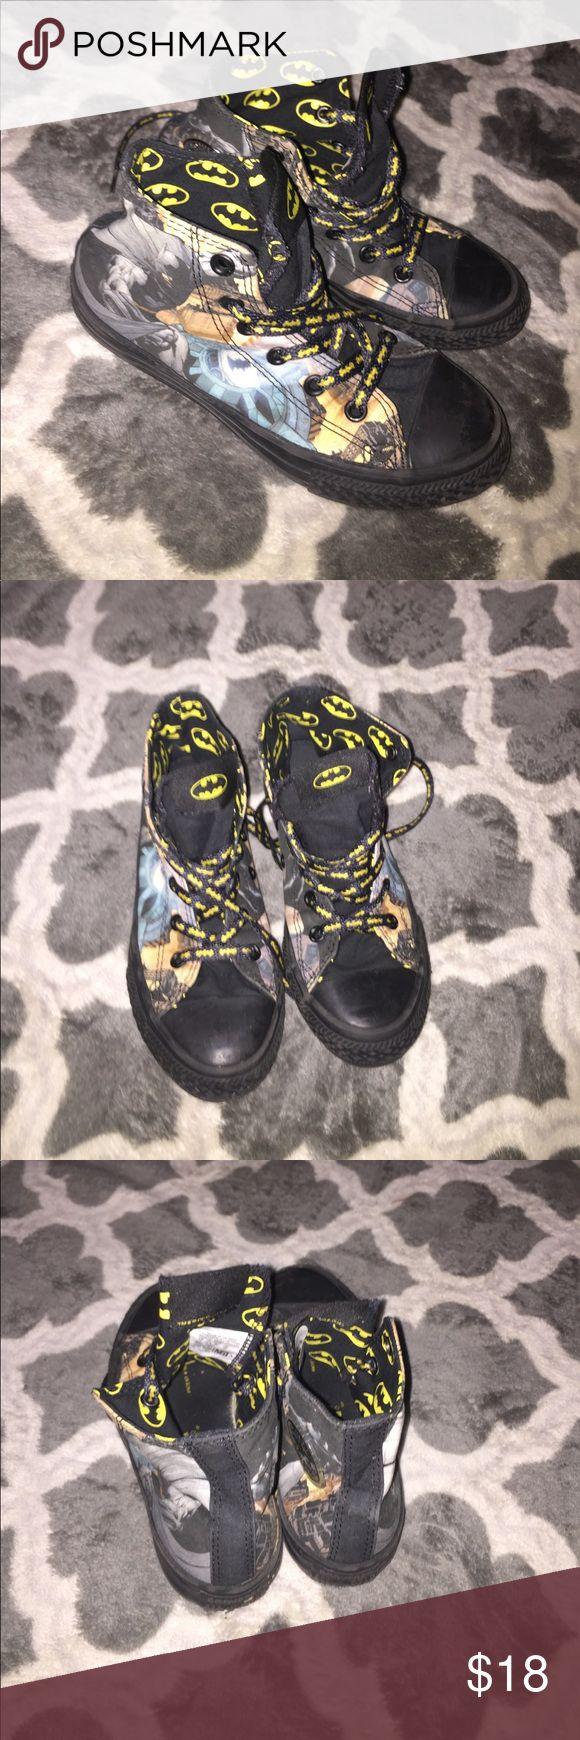 Little boy Batman Converse shoes Little boy Batman converse shoes in good condition Converse Shoes Sneakers